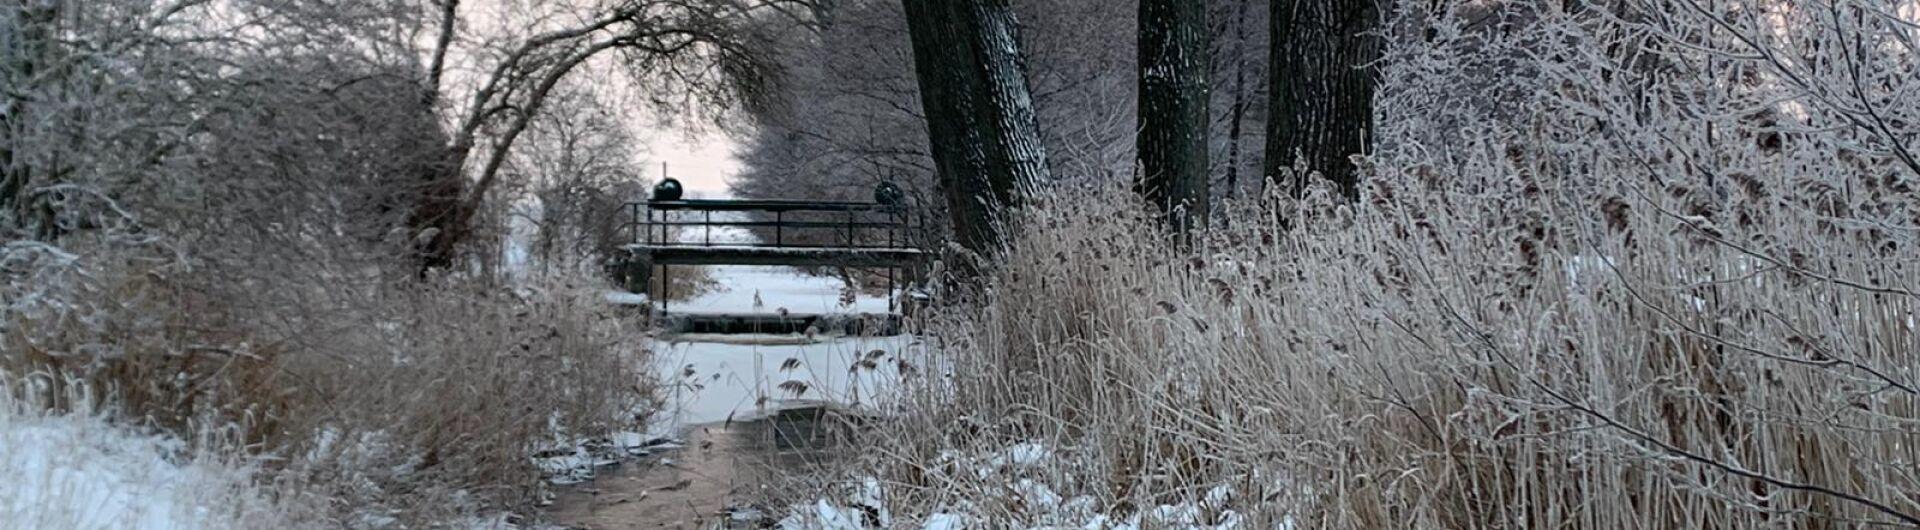 Staudamm Schönewalde am 09.02.2021, Bildrechte A. Wille